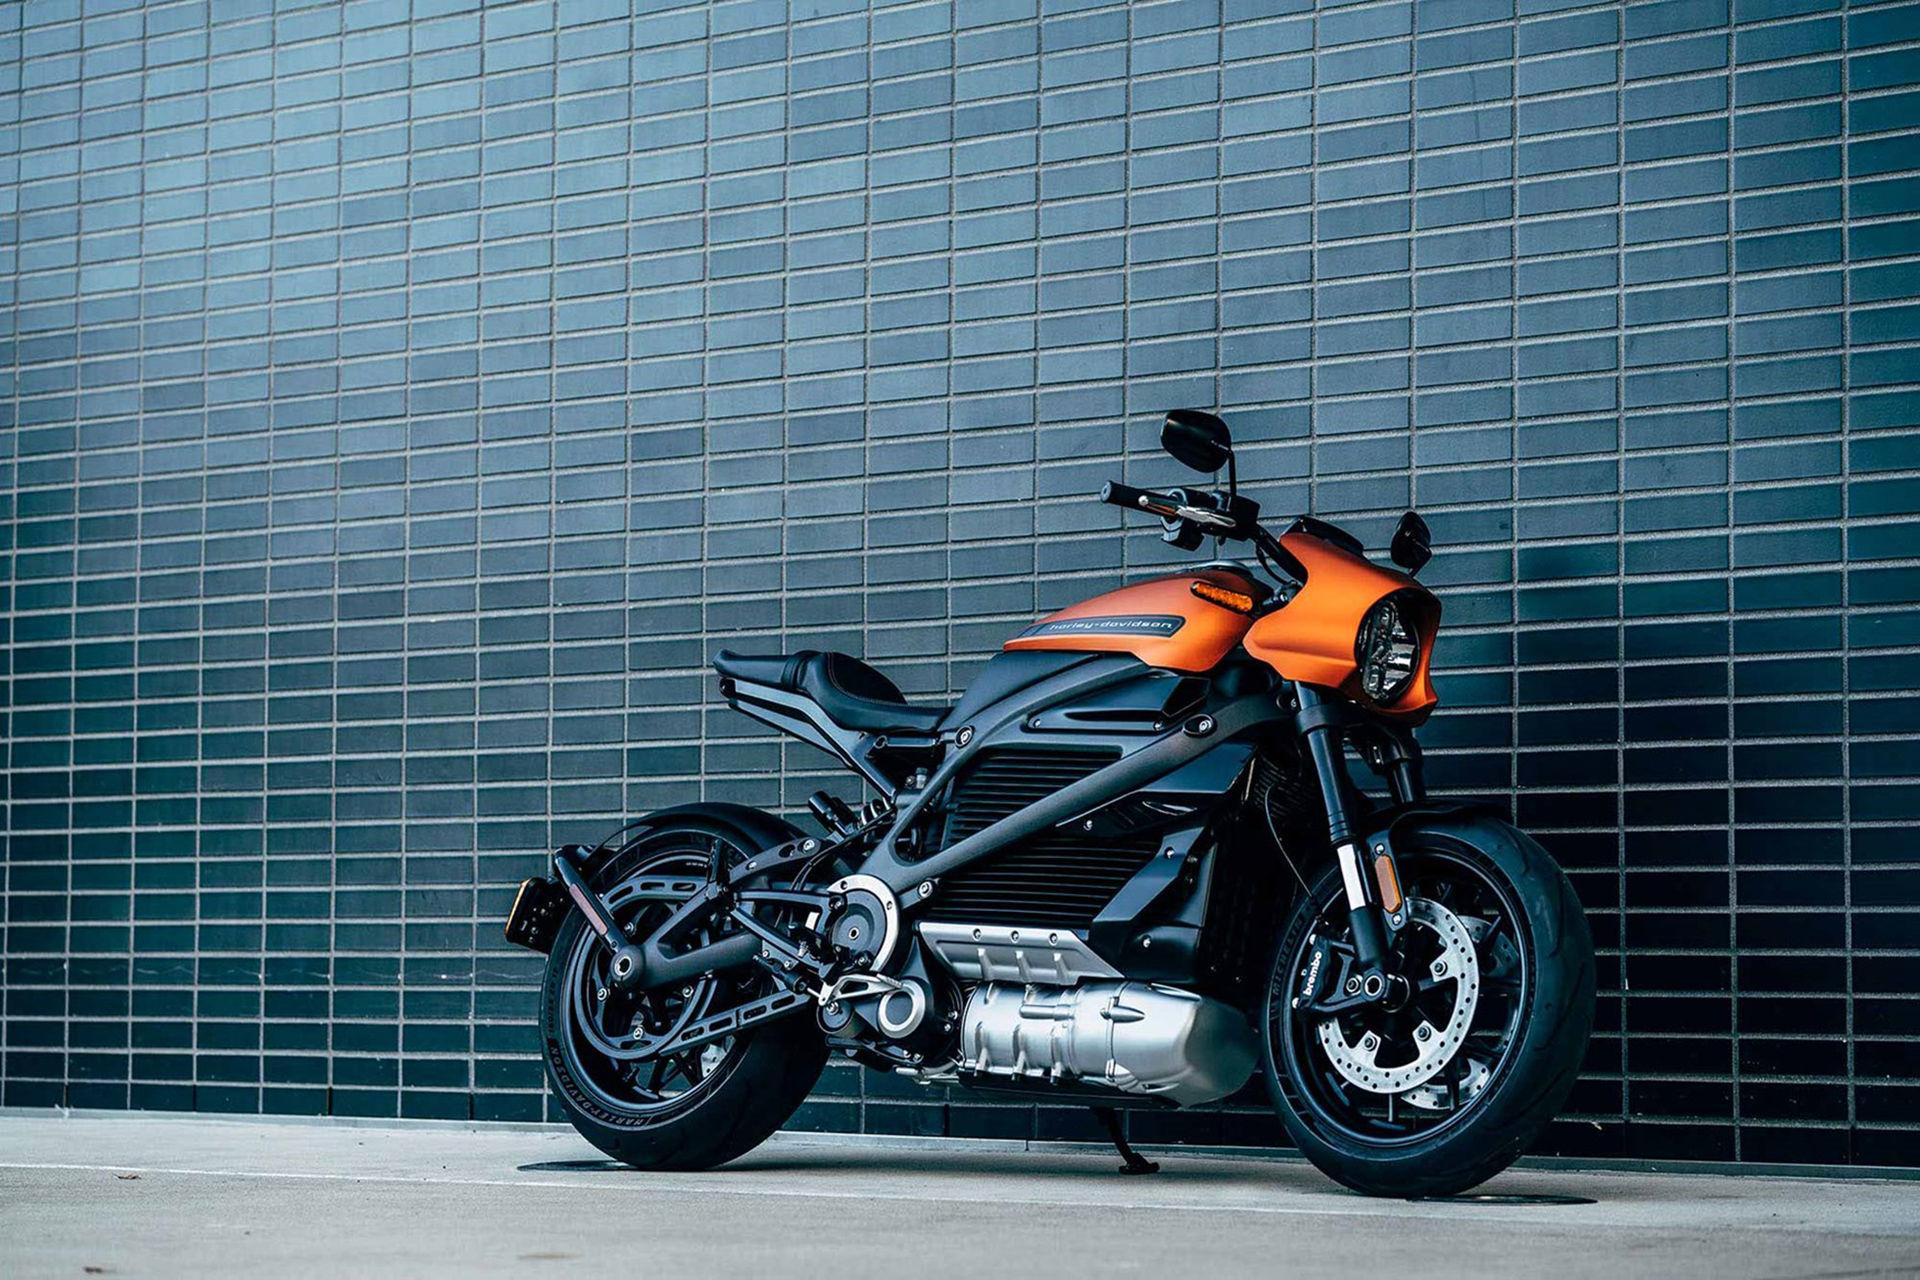 Nya bilder på Harleys eldrivna motorcykel